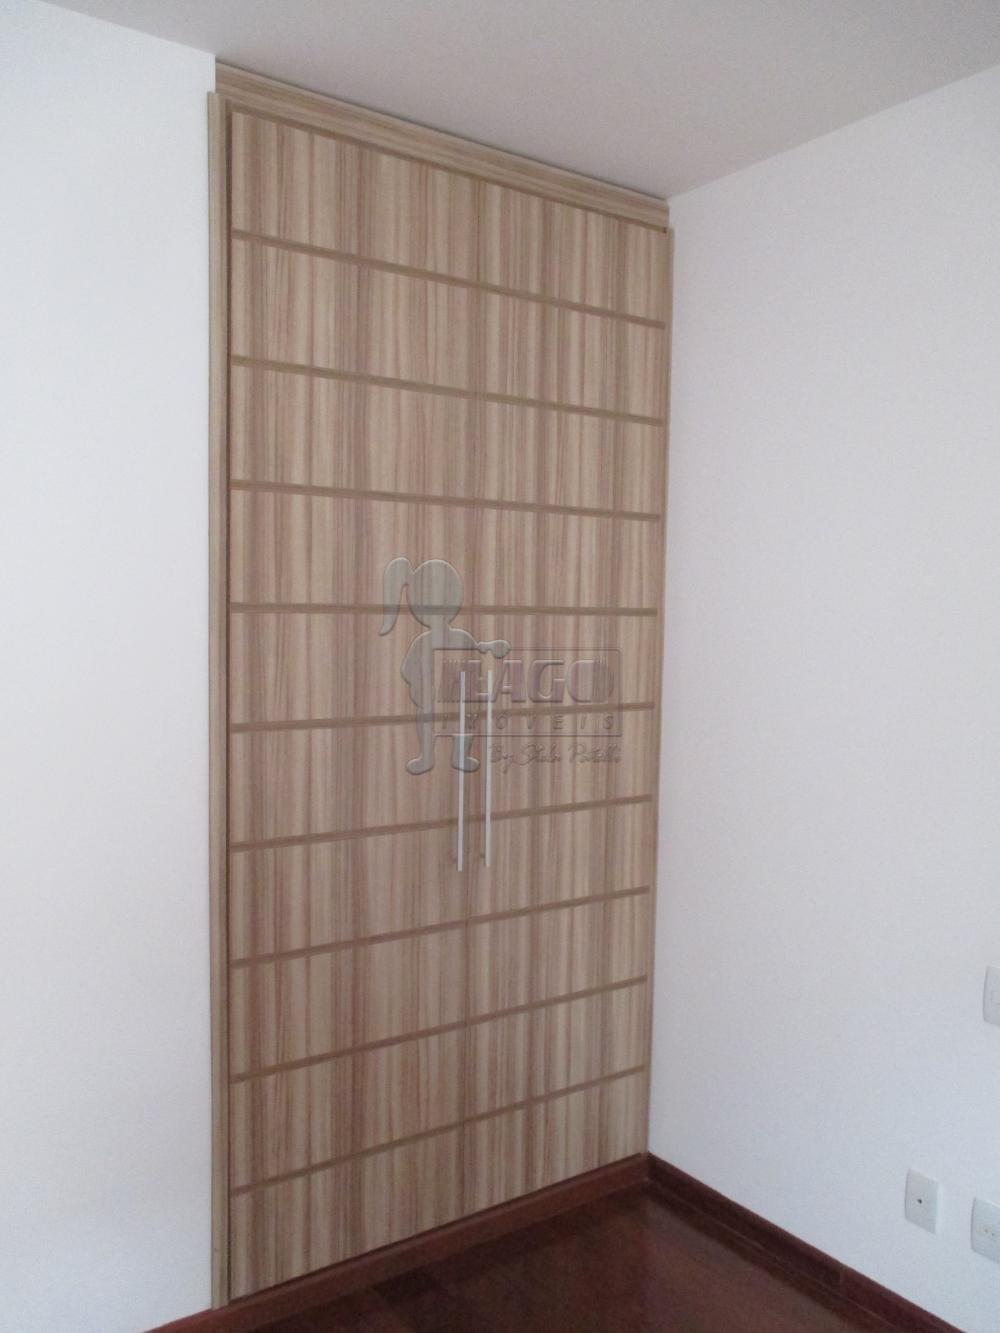 Alugar Casas / Condomínio em Ribeirão Preto apenas R$ 12.000,00 - Foto 34